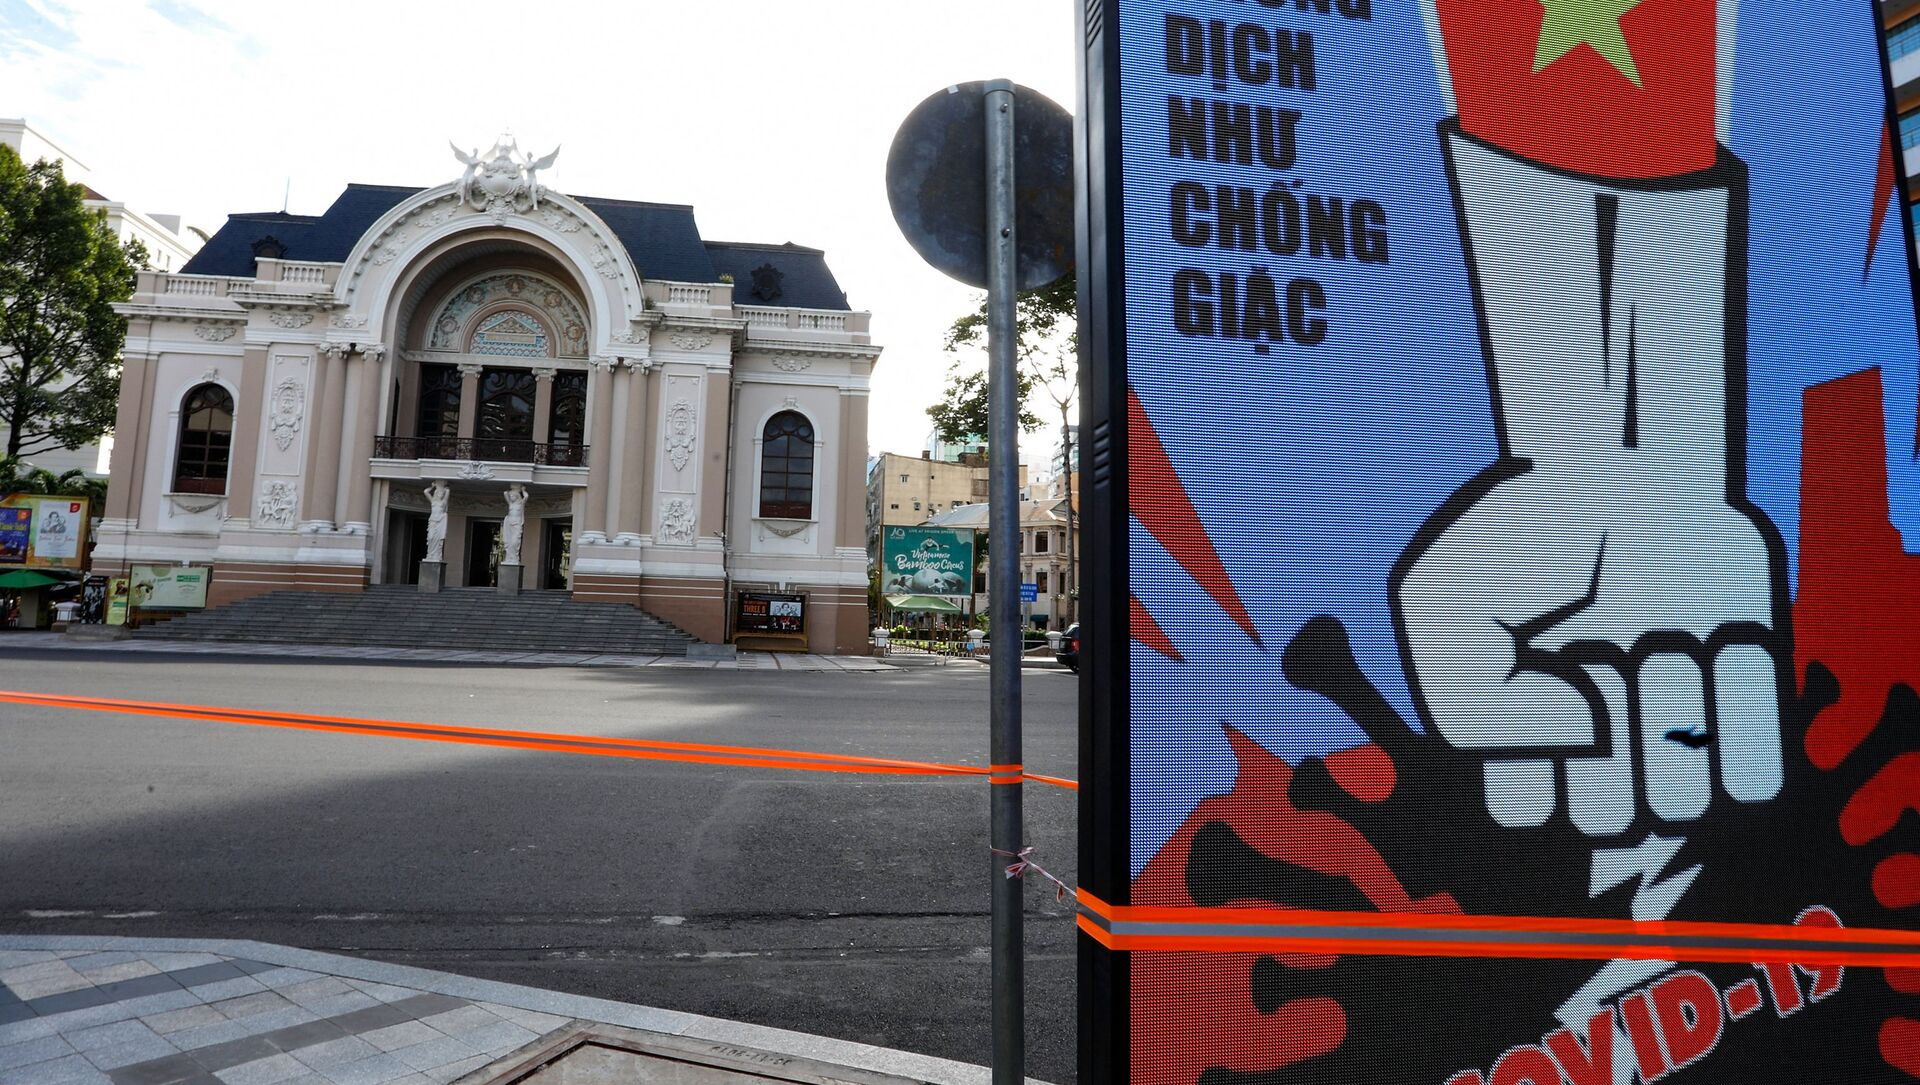 Màn hình điện tử trước Nhà hát Lớn Sài Gòn hiển thị thông báo về cuộc chiến chống Covid-19 vào ngày đầu phong toả ở TP Hồ Chí Minh, Việt Nam. - Sputnik Việt Nam, 1920, 12.08.2021